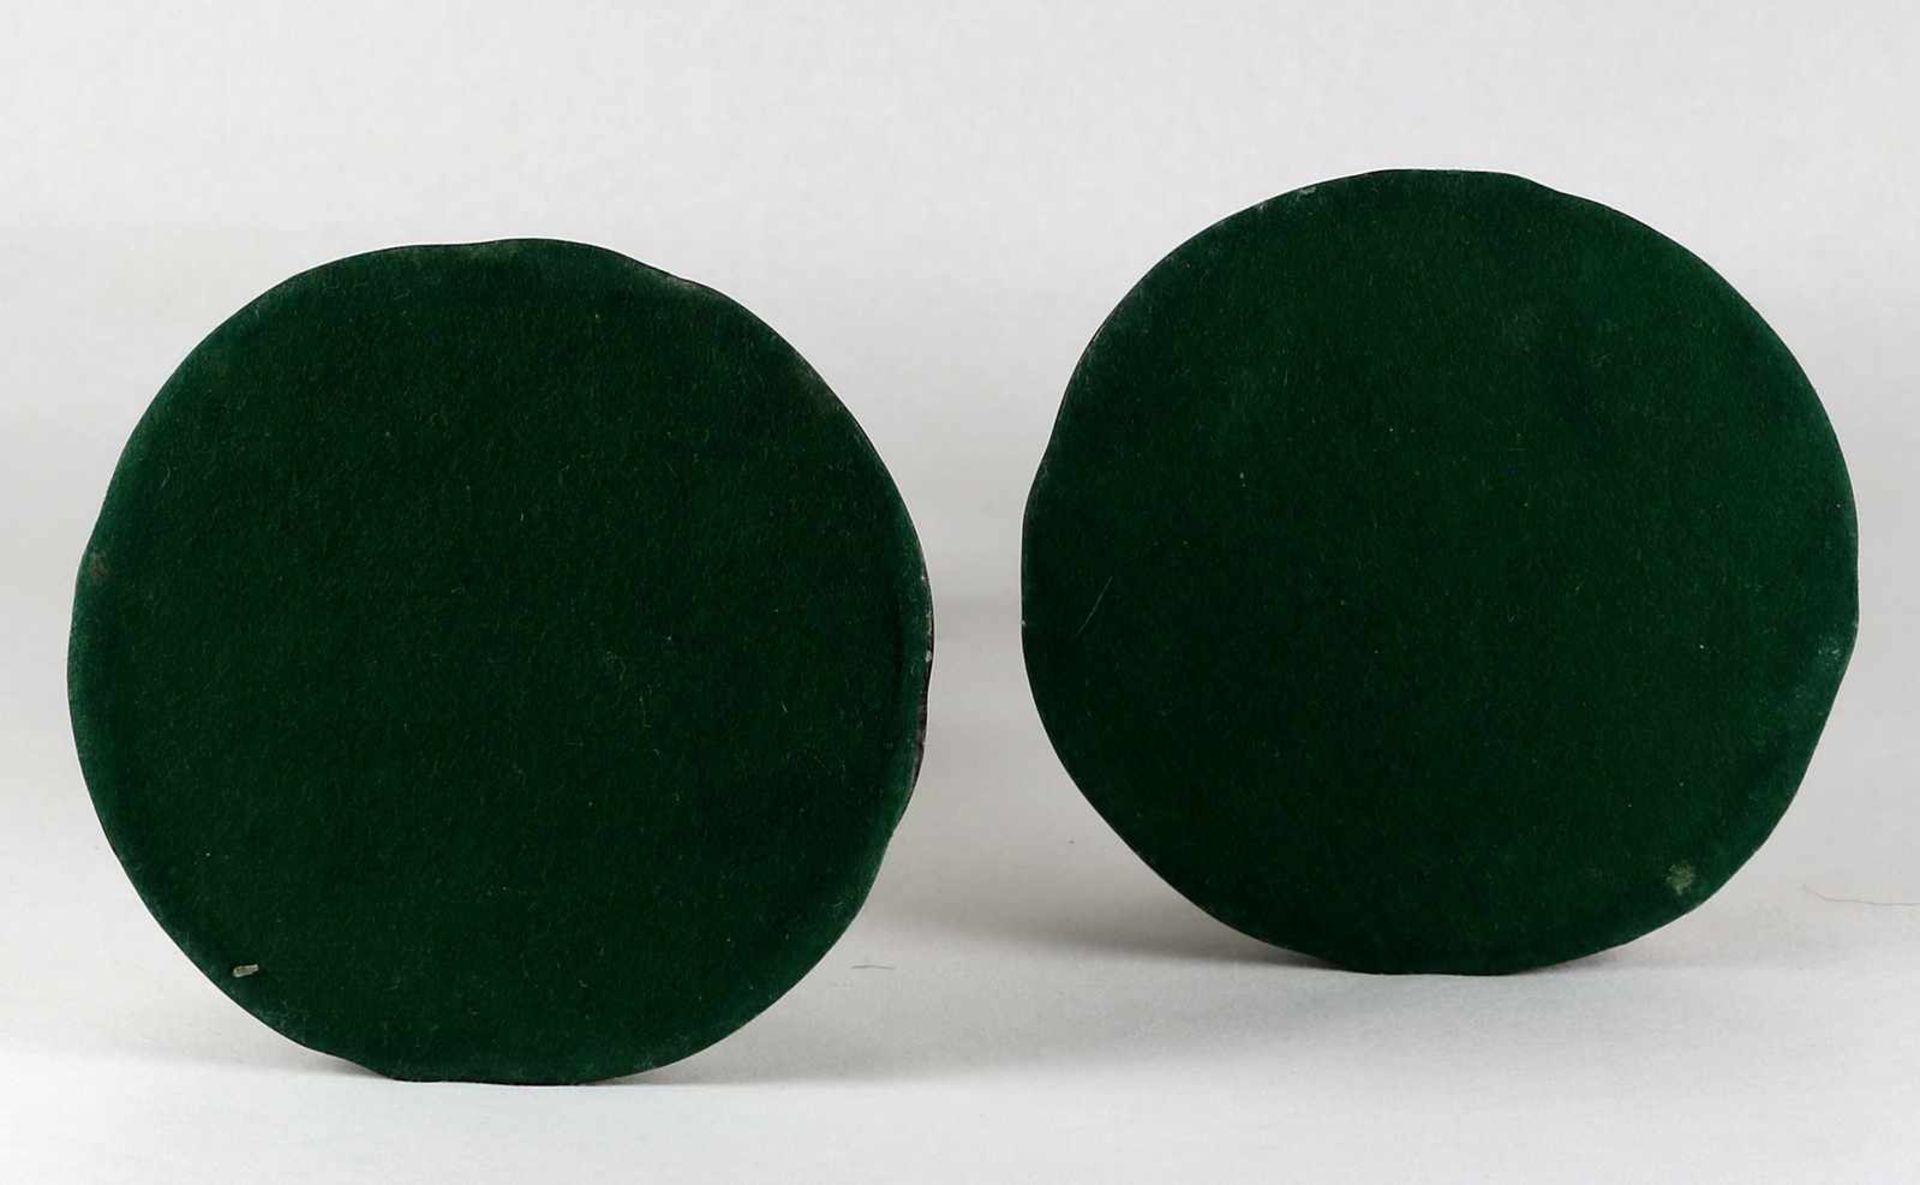 Paar SilberleuchterDeutsch um 1900. Silber 800 punziert und ungedeutete Herstellermarke. - Bild 3 aus 4